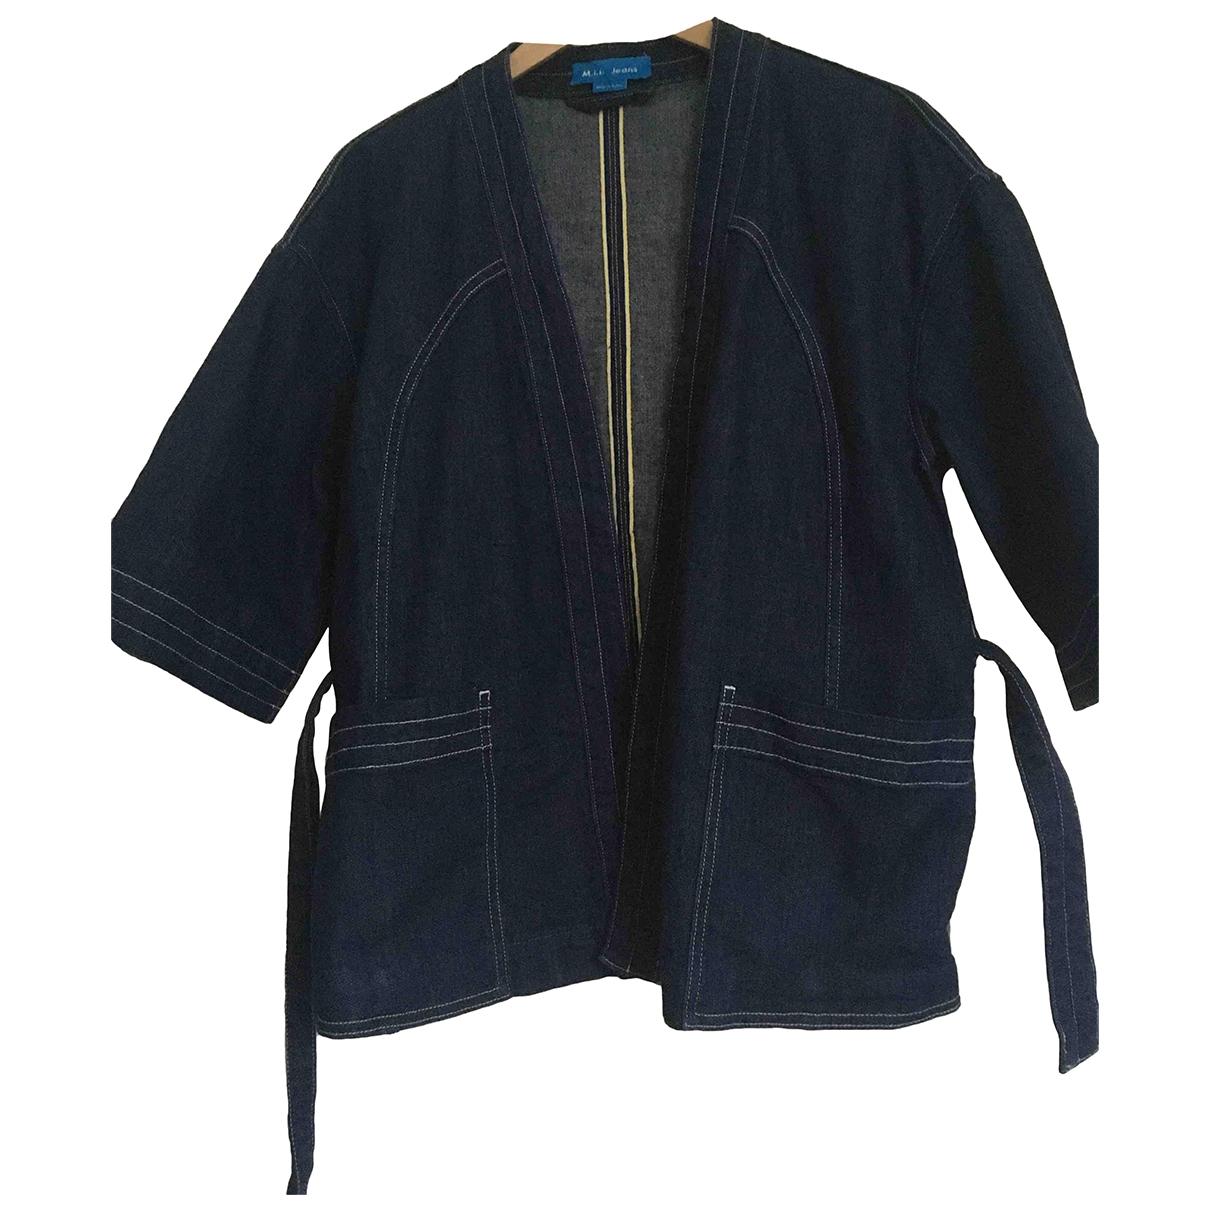 Mih Jeans \N Jacke in  Blau Baumwolle